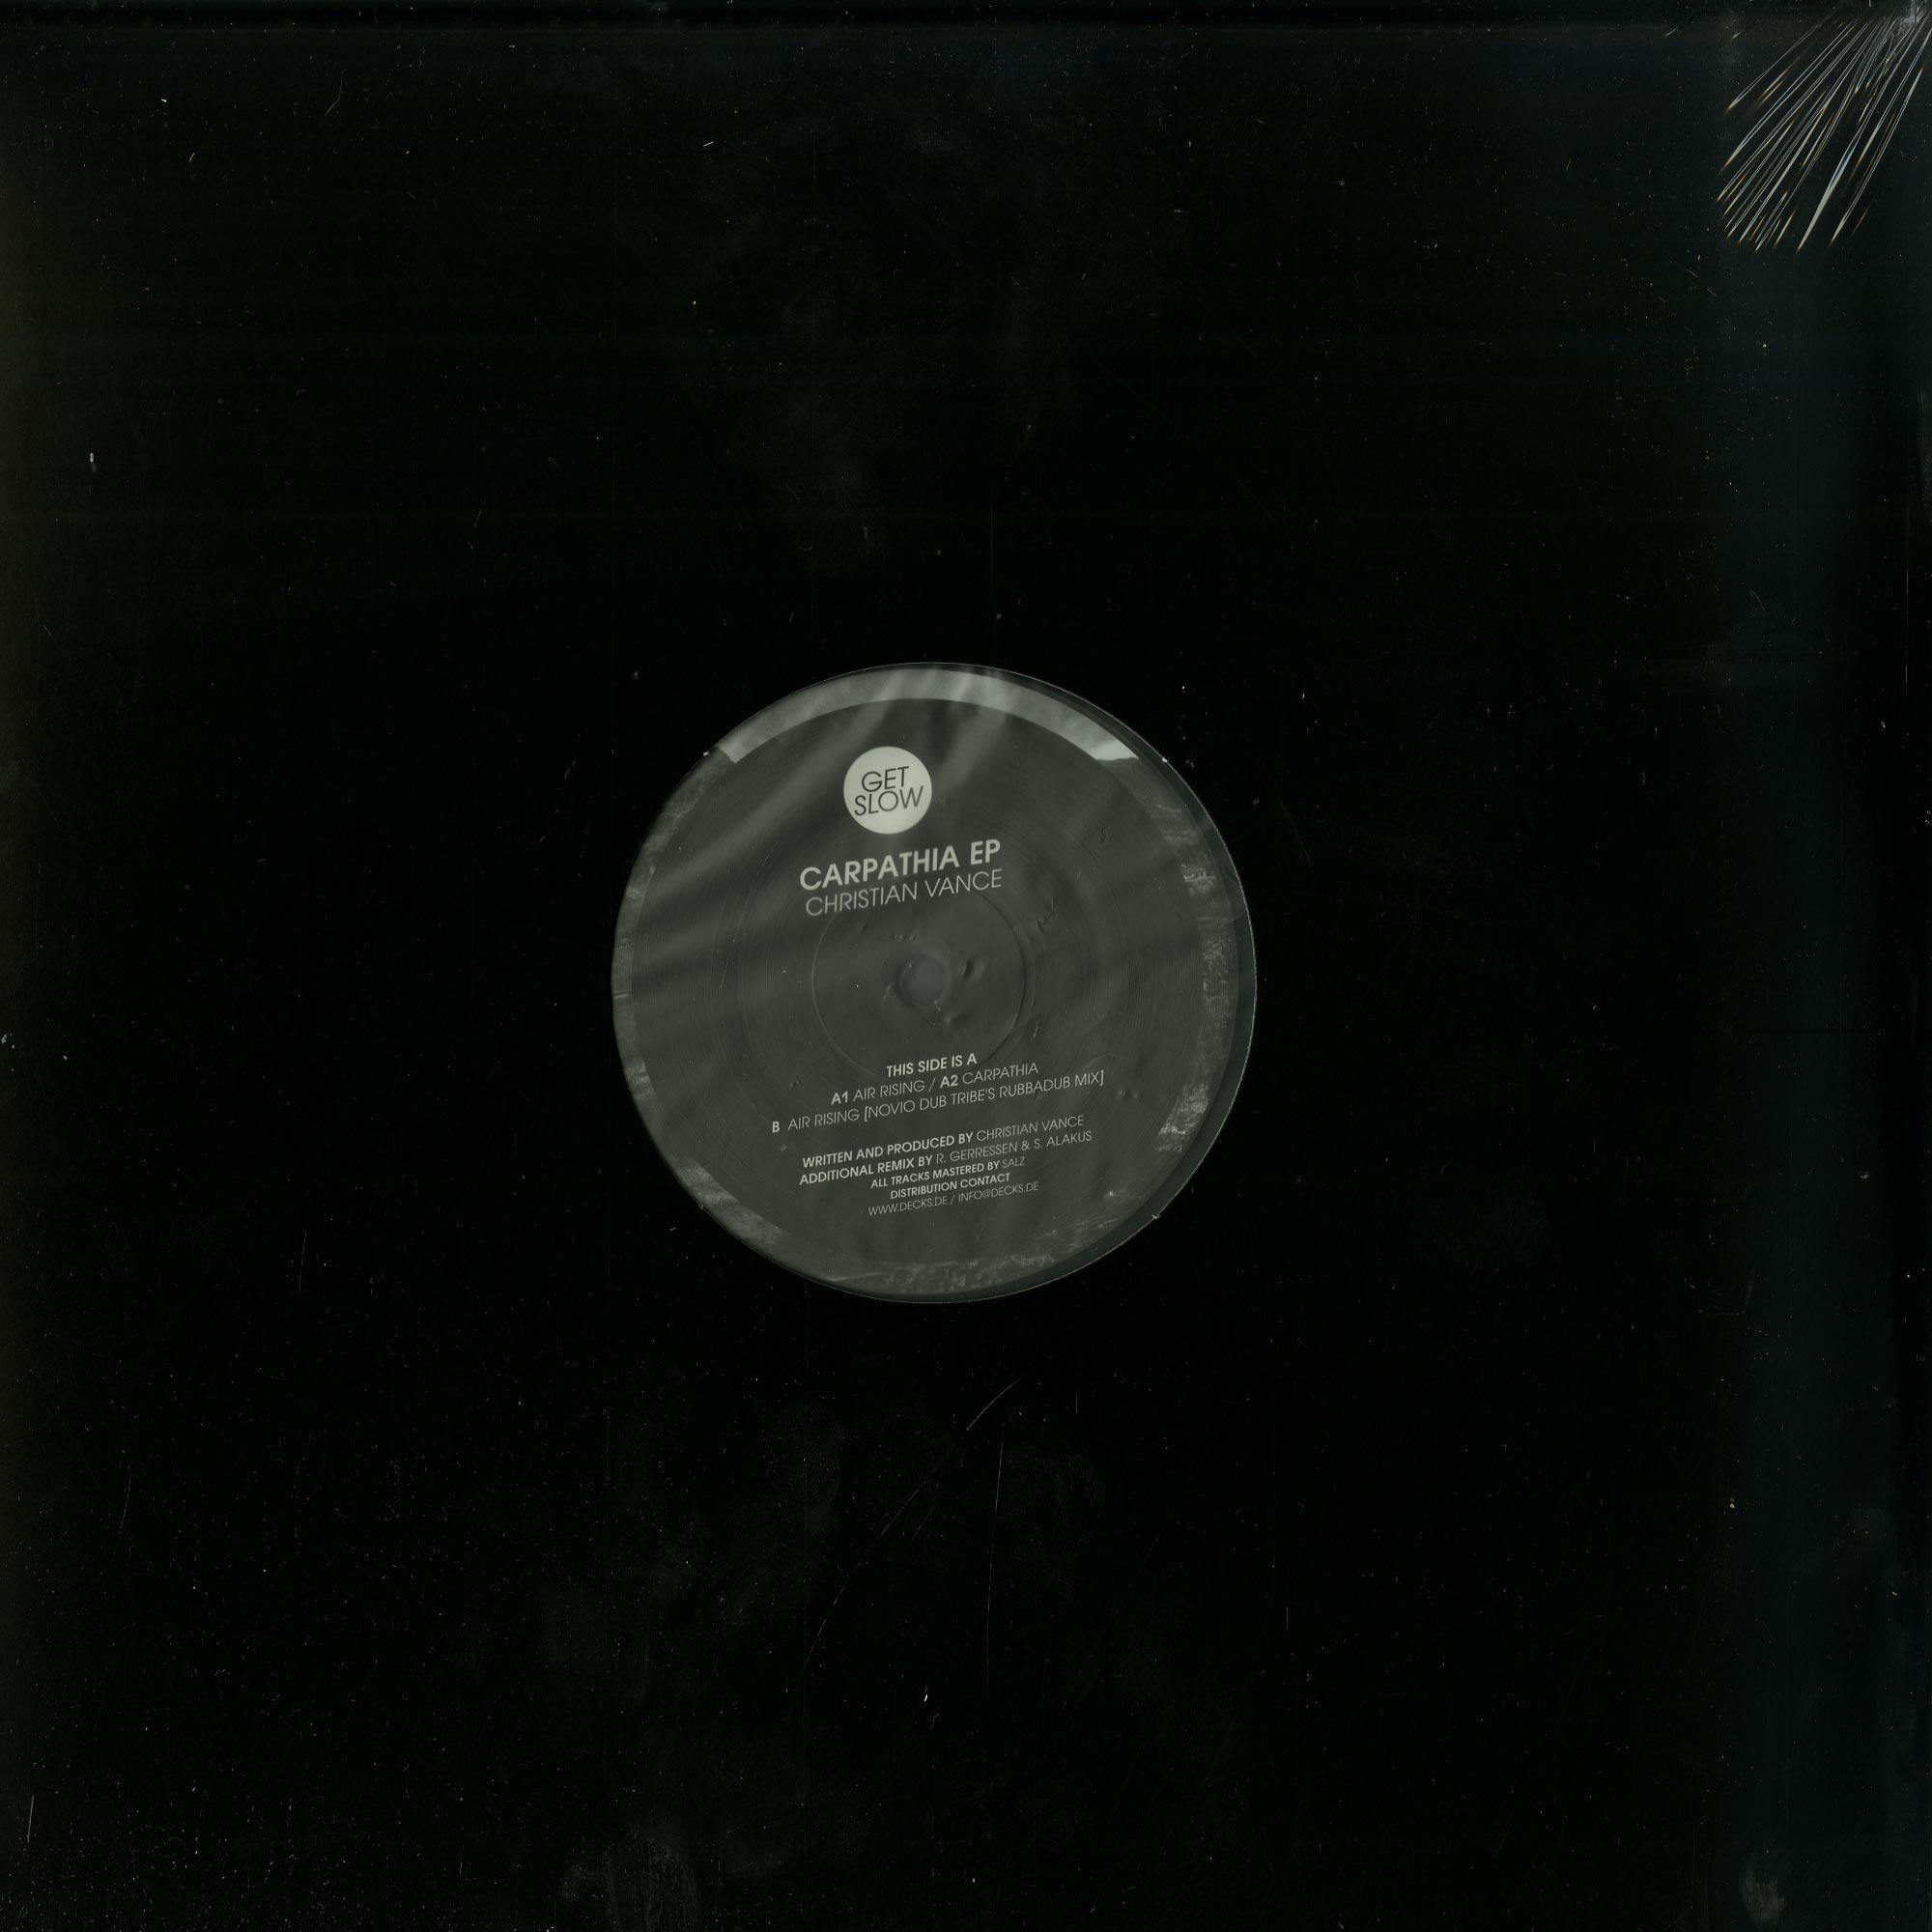 Christian Vance - CARPATHIA EP